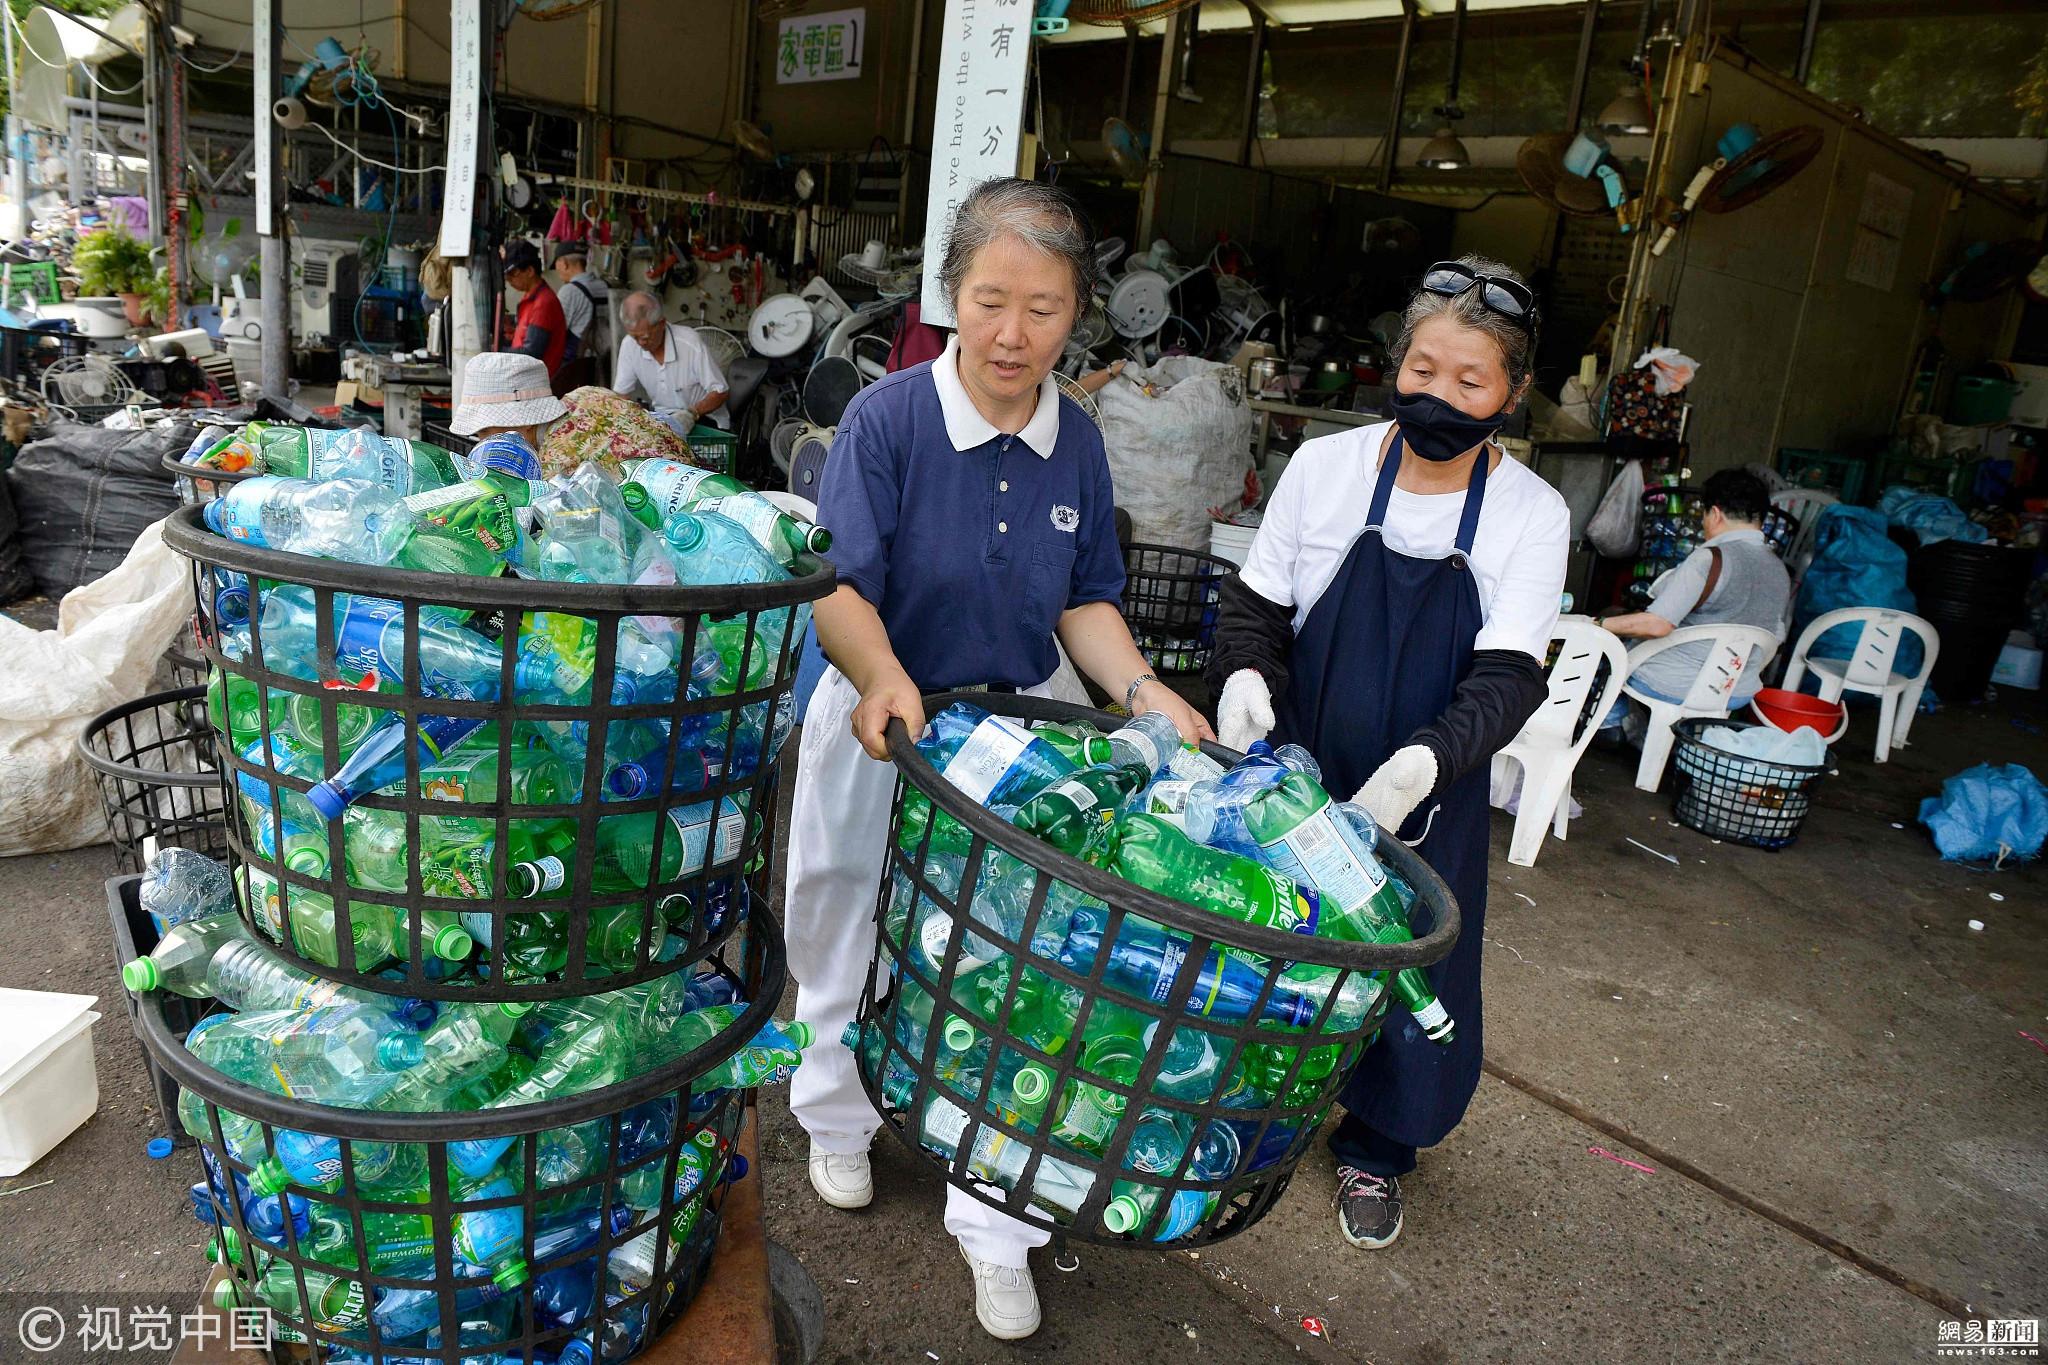 台湾塑料回收已持续十多年 今回收率超70%! - 周公乐 - xinhua8848 的博客